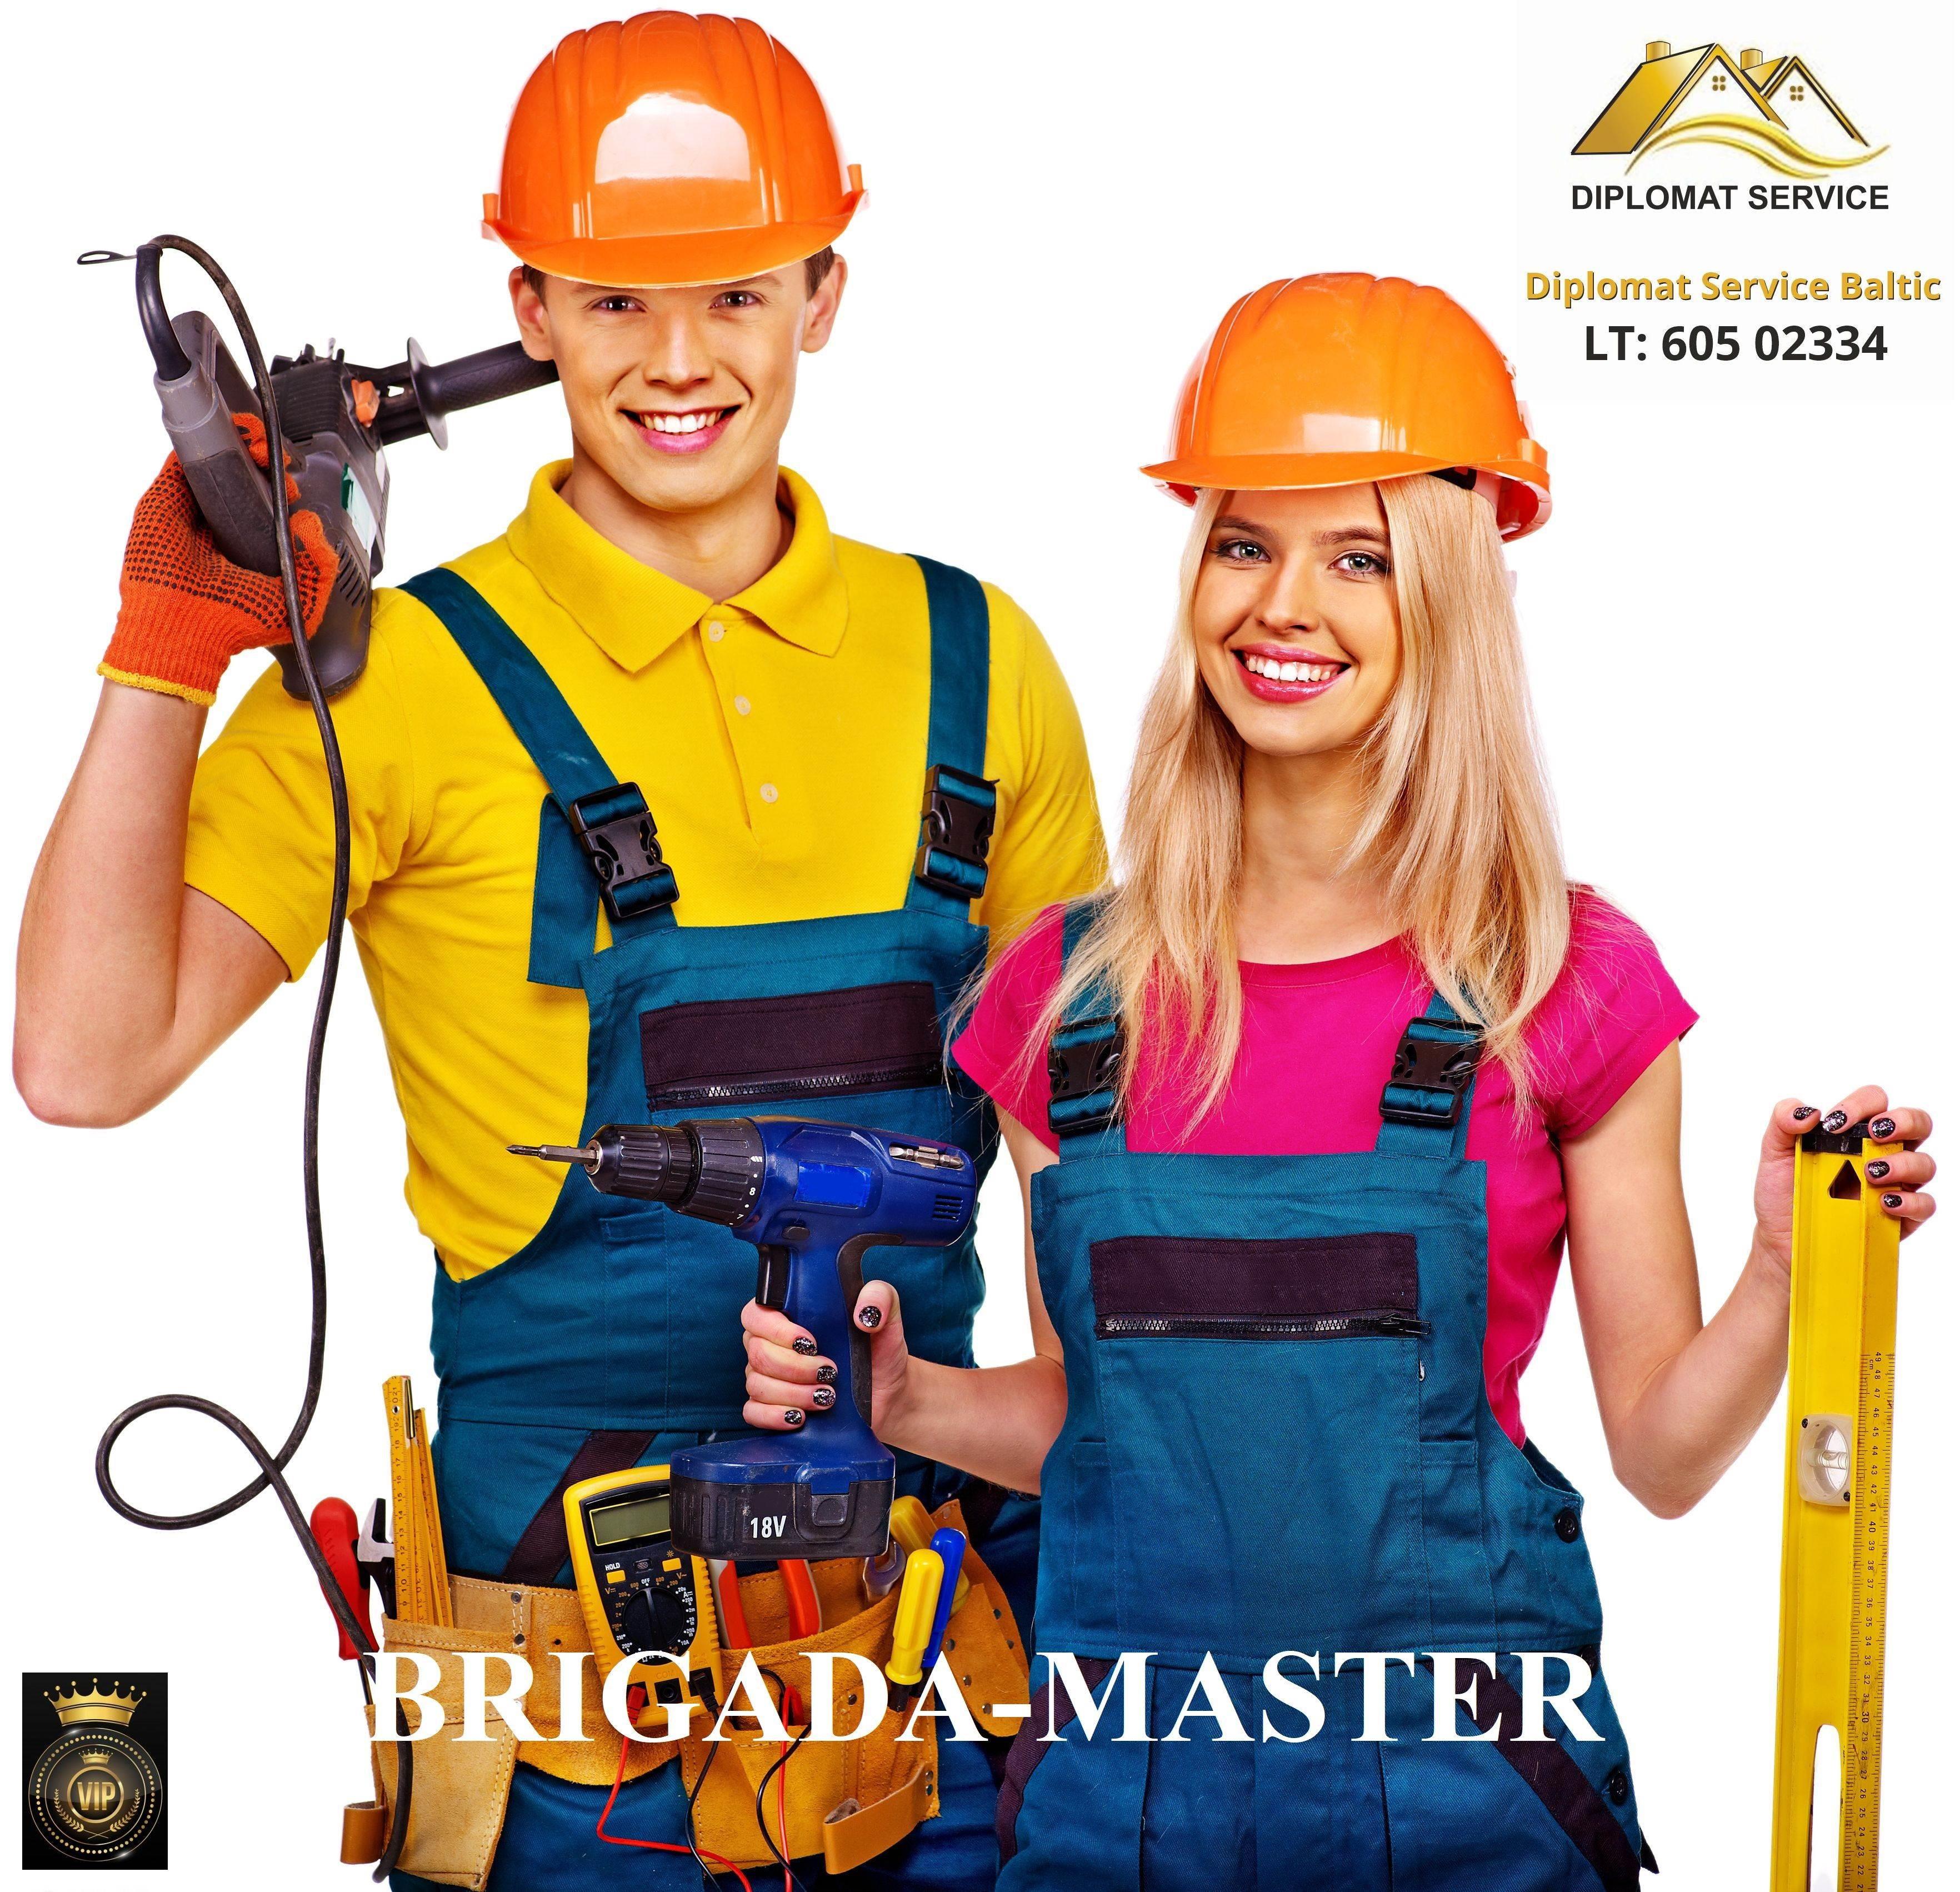 Statybų ir remonto, apdailos, irengimo VIP-projektai – tik Brigada-Master®